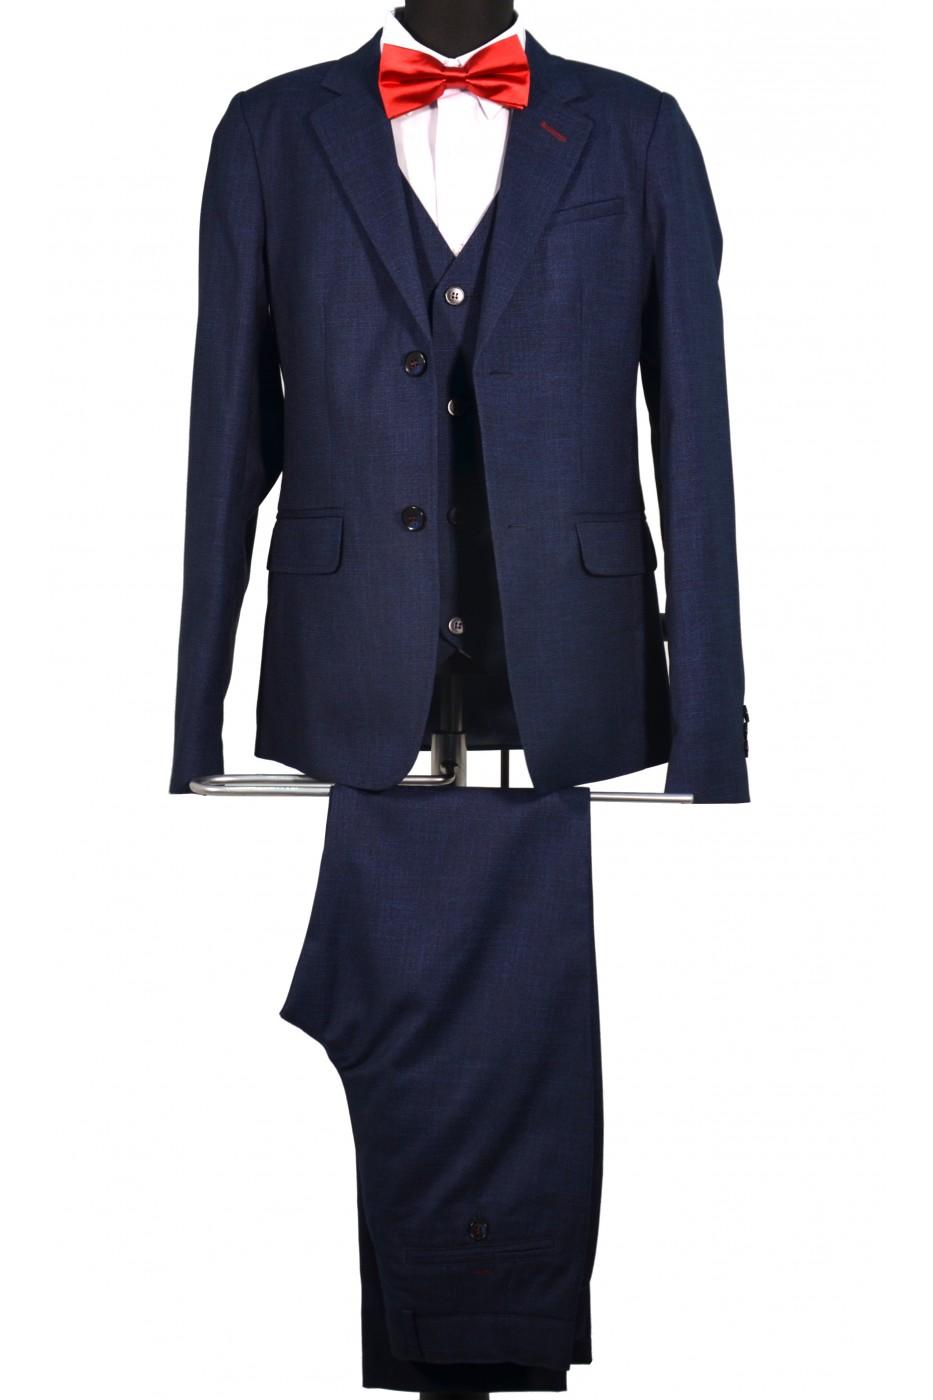 Тёмно-синий школьный пиджак детский -Д 2004П (MINOR)